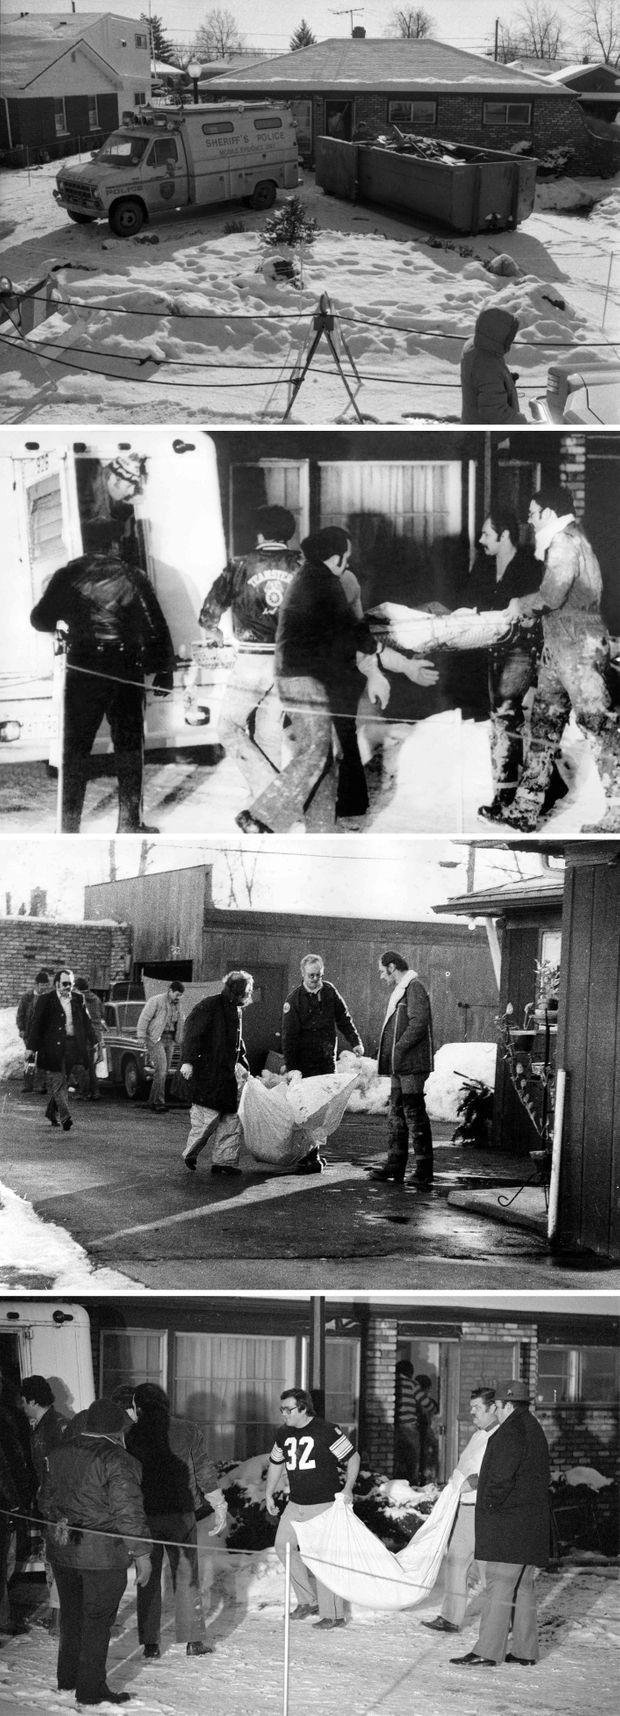 """""""Sous la maison de l'ogre, toute la terre est passée au crible"""" - Paris Match n°1547, 19 janvier 1979. Au total, 26 des 33 victimes revendiquées de John Wayne Gacy ont été retrouvées sous sa maison du 8213 West Summerdale Avenue, à Norwood Park, Cook County, dans la banlieue de Chicago, Illinois."""